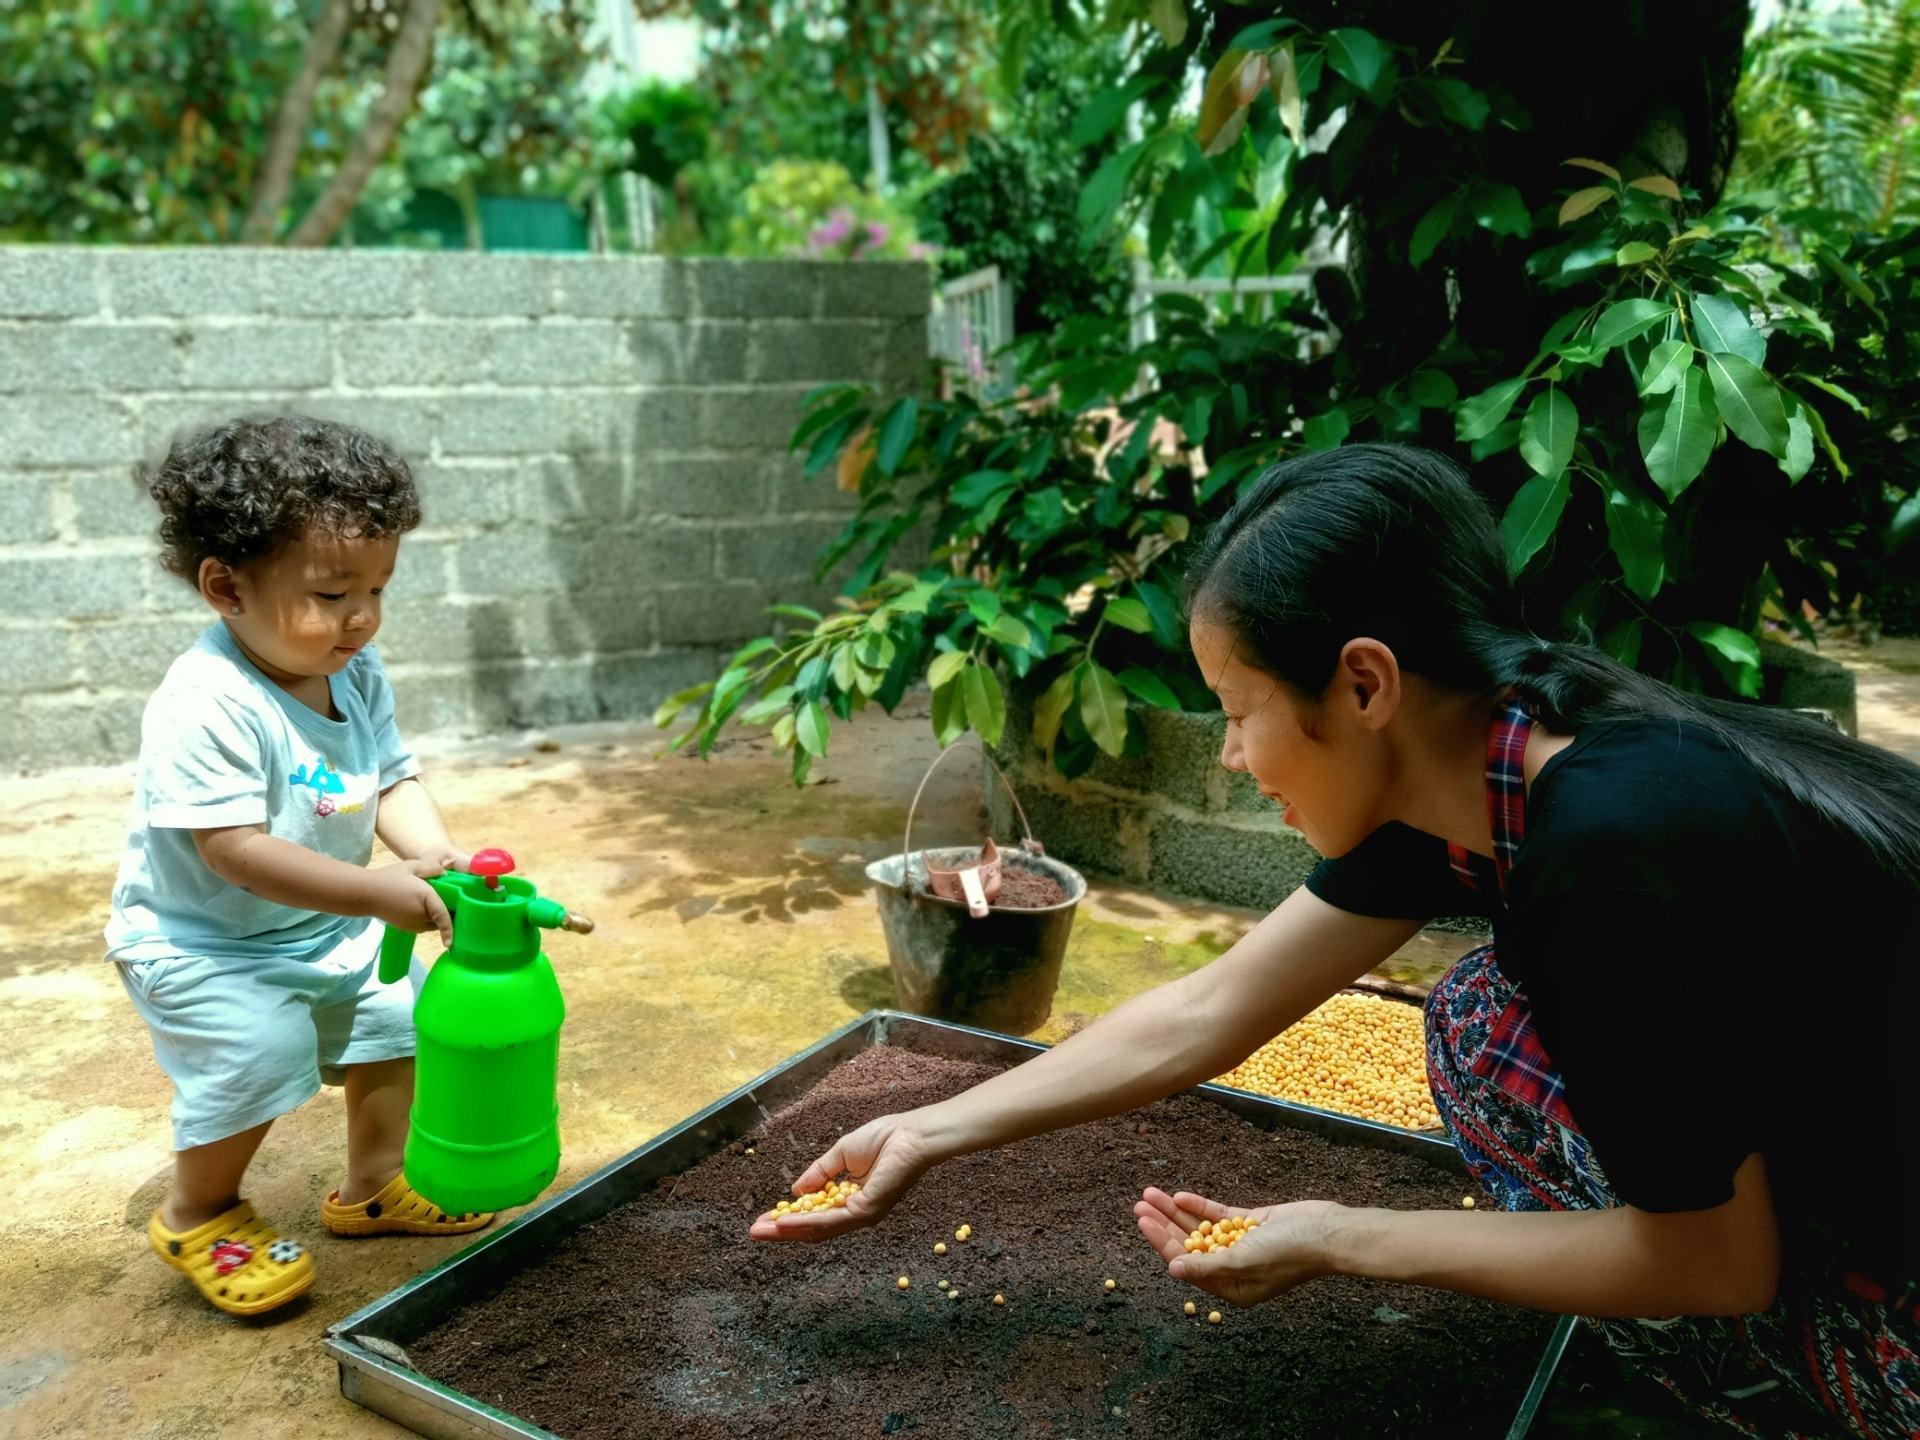 Đưa con 8 tháng đi xuyên Việt trên nhà di động, cặp đôi kể sự cố nhớ đời ở Đà Lạt